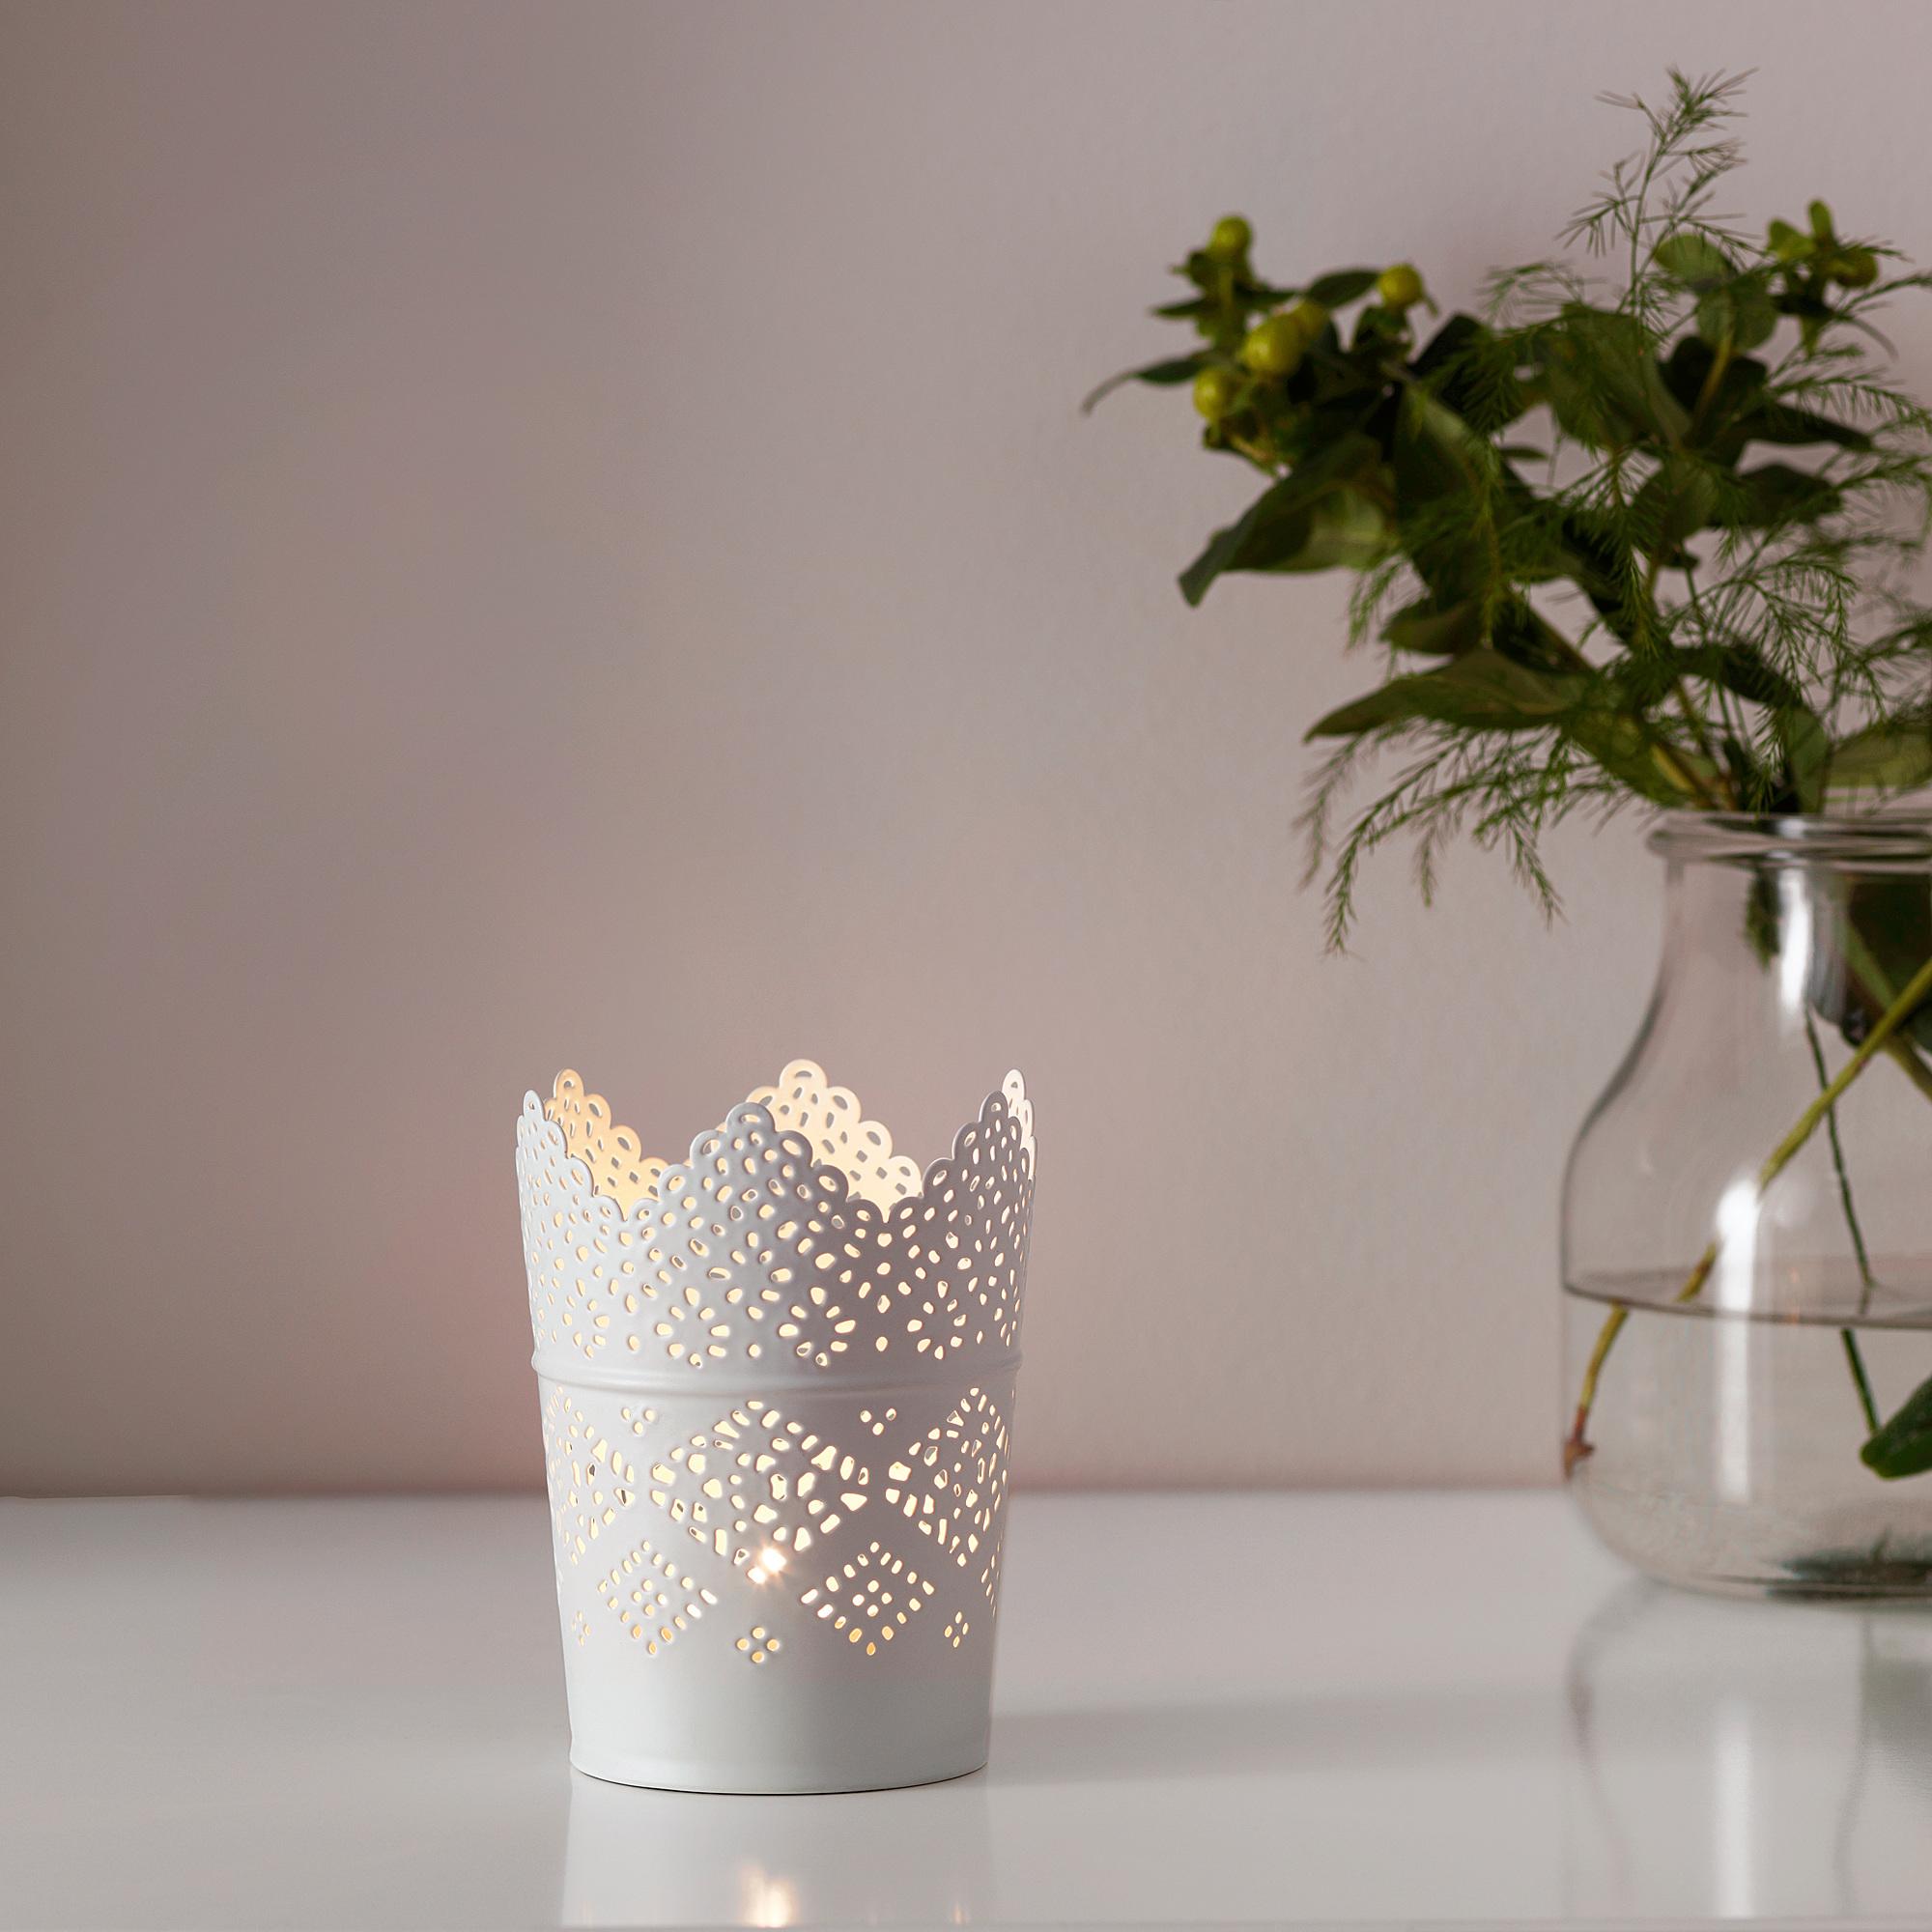 žvakidžių raštų prekybos sistema